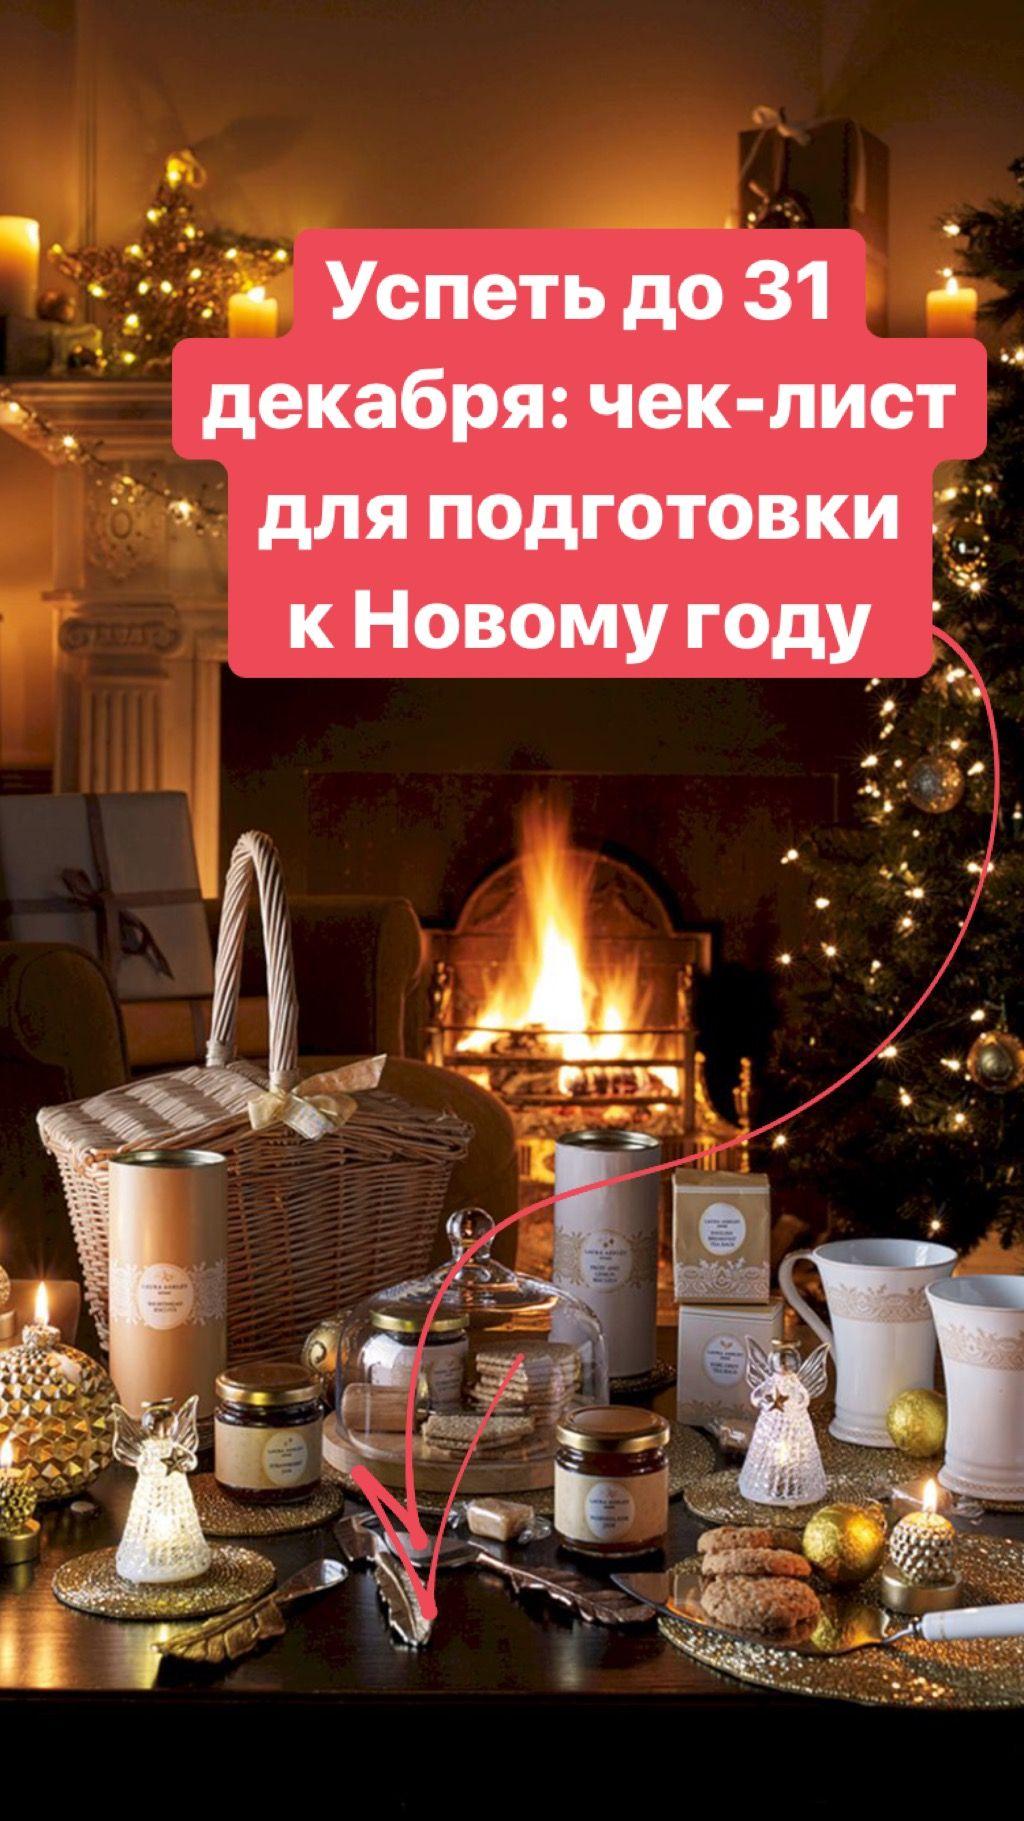 Uspet Do 31 Dekabrya Chek List Dlya Podgotovki K Novomu Godu Rozhdestvenskie Idei Prostoe Rozhdestvo Predrozhdestvenskij Kalendar